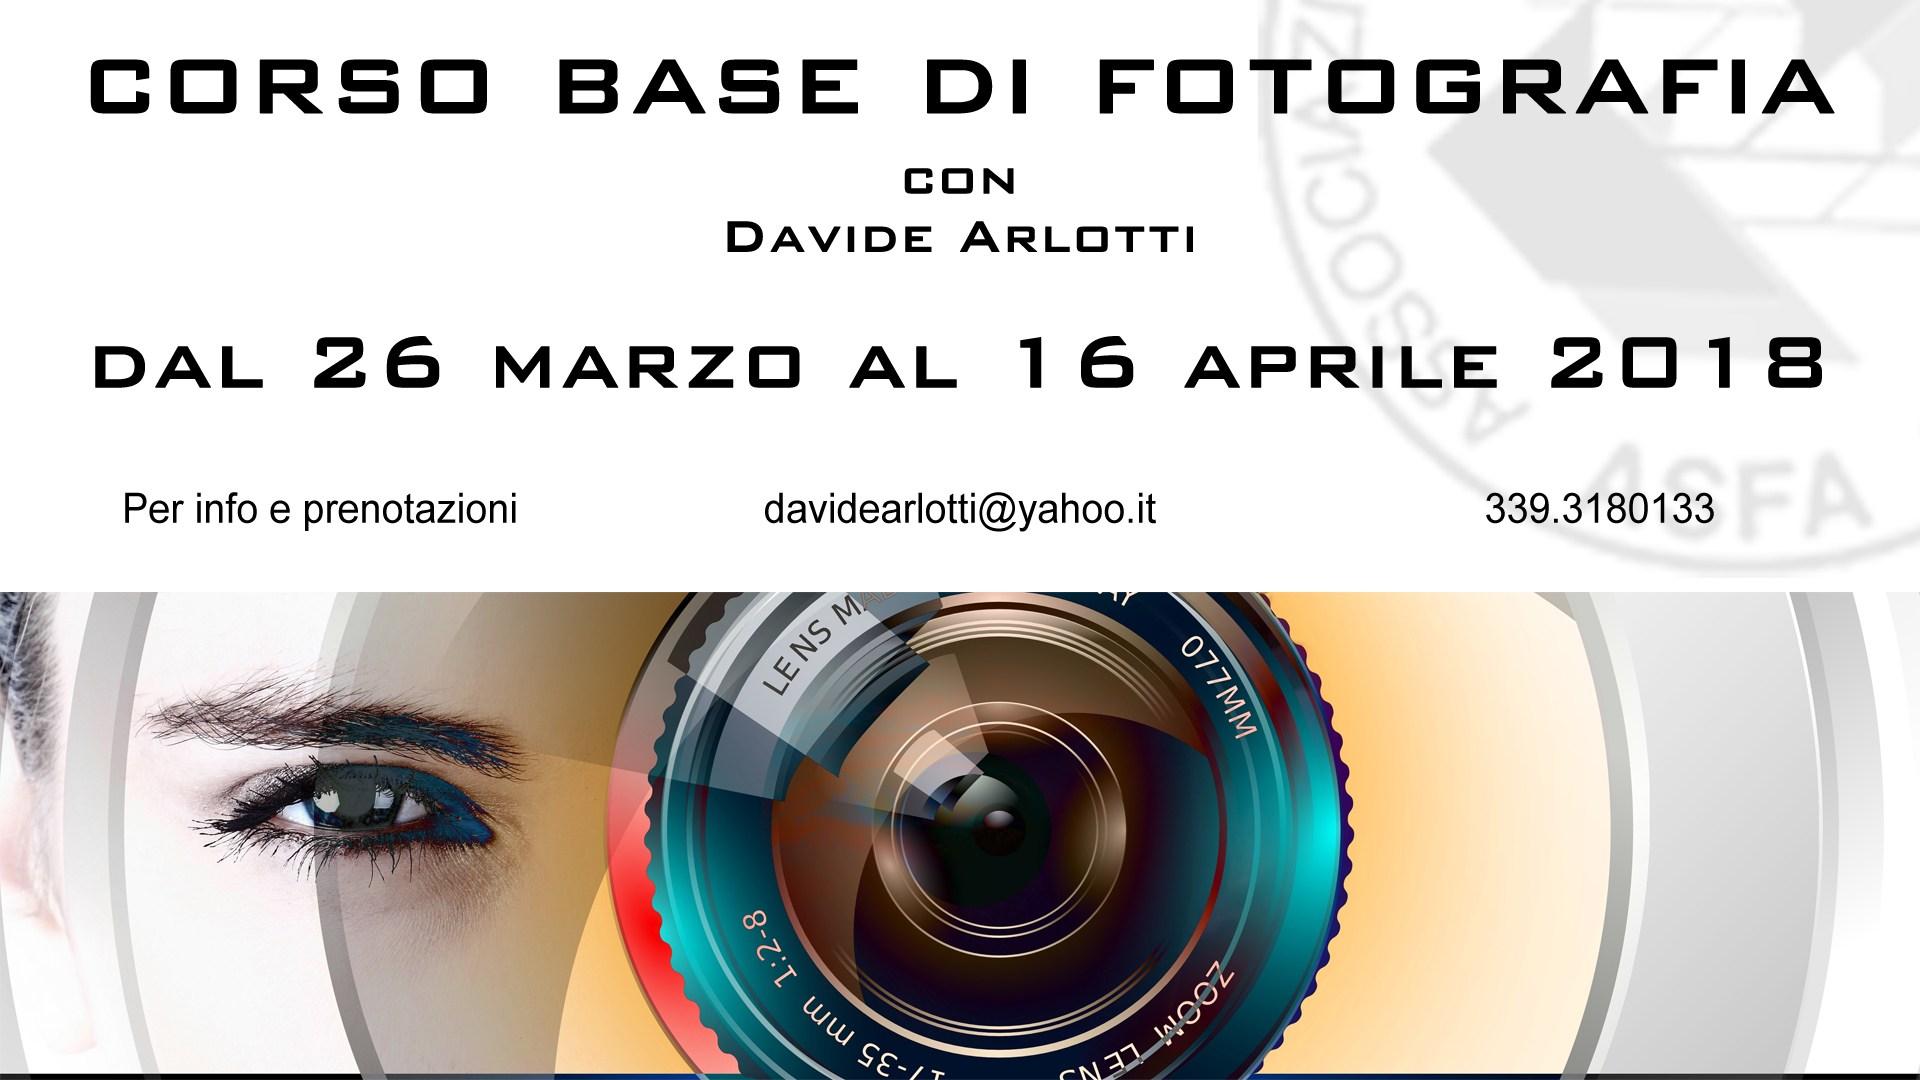 Corso Base di Fotografia presso la sede ASFA dal 26 marzo